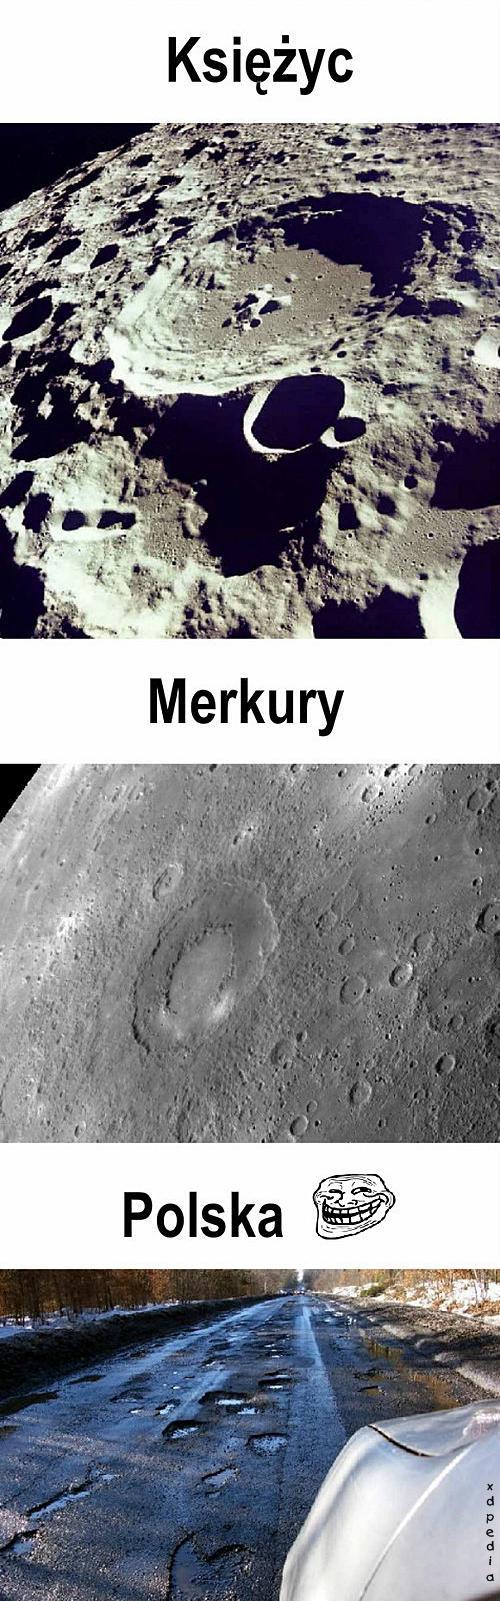 Księżyc, Merkury, Polska...